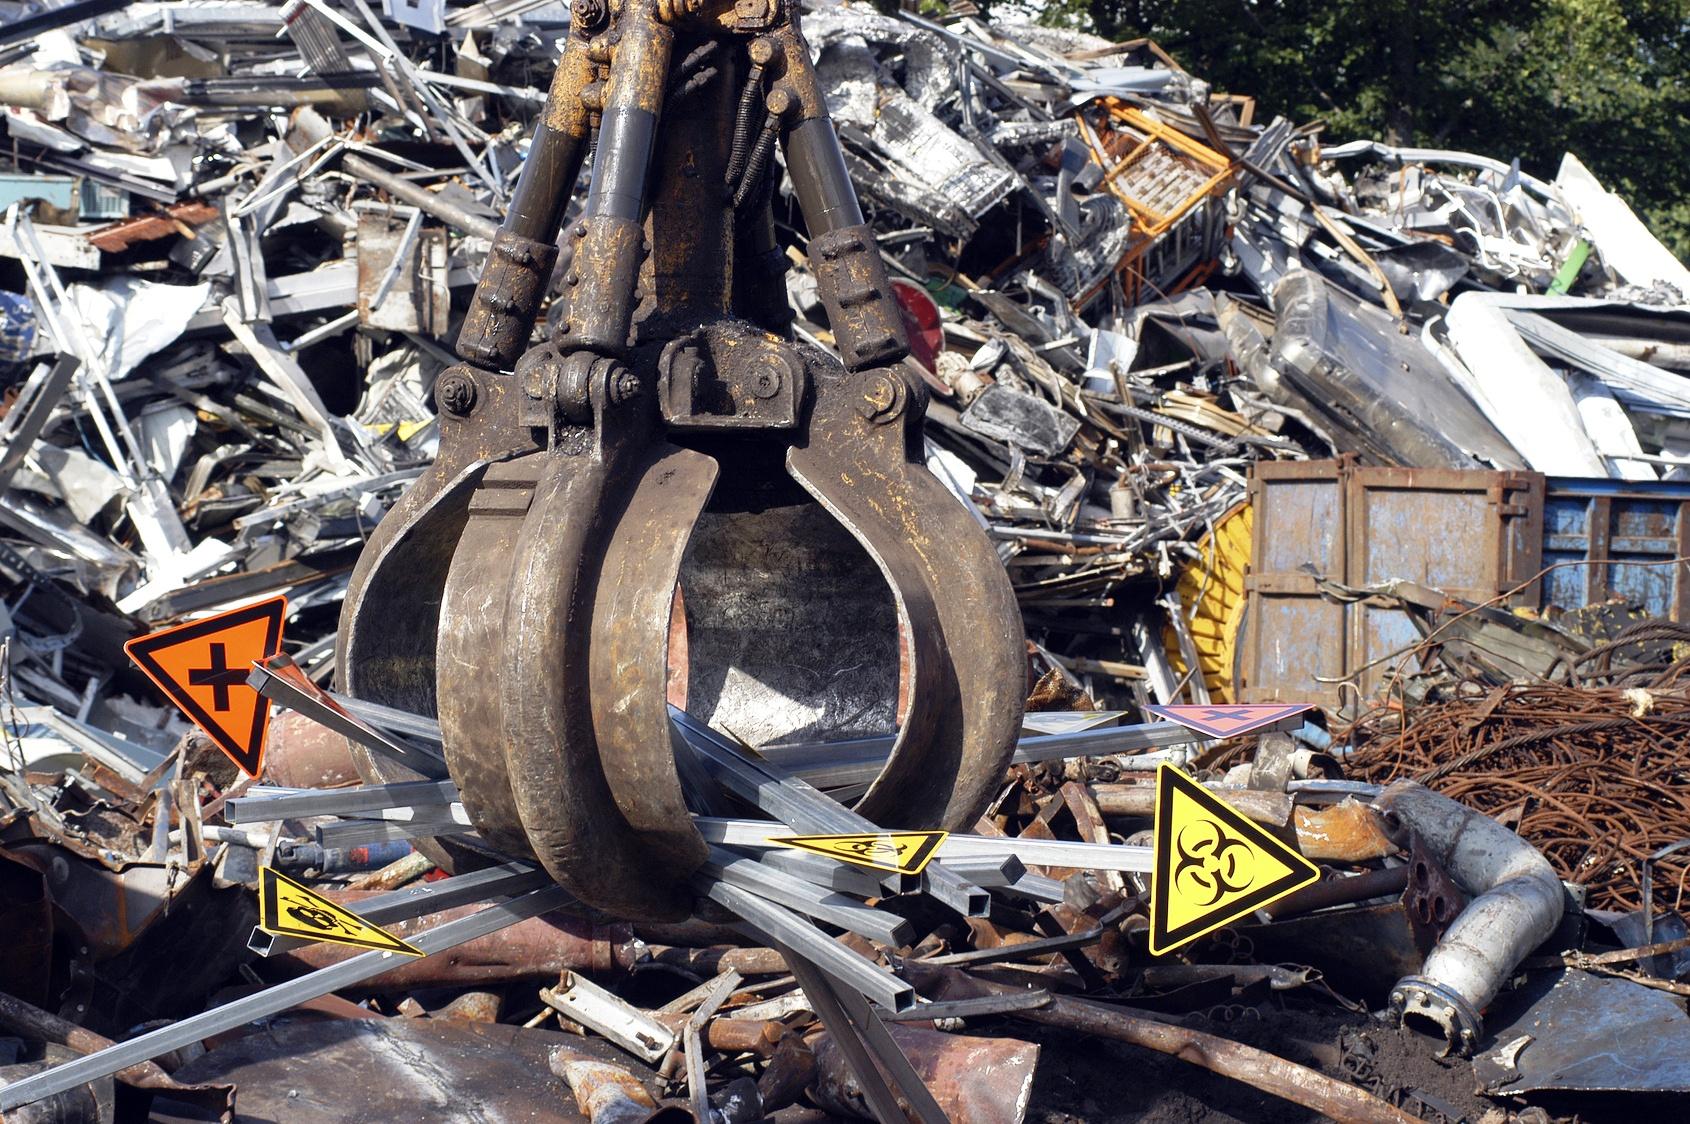 Vlani na Slovensku šesťkrát zachytili rádioaktívne materiály neznámeho pôvodu